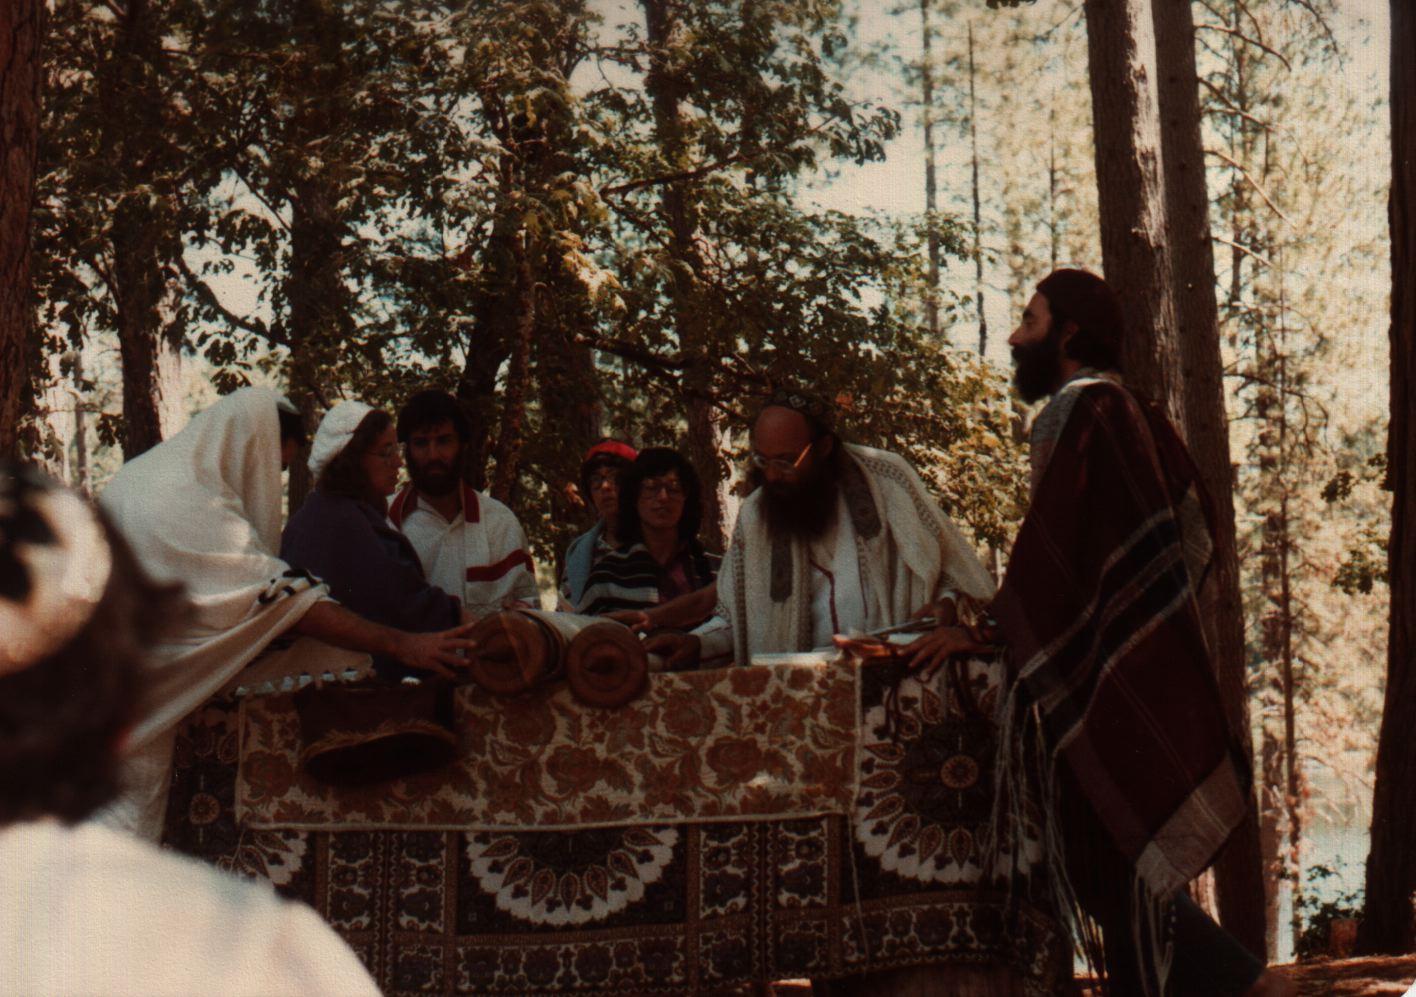 84 Joys  Torah reading, Reuven Goldfarb as gabbai, incl Keren and Hillel, Sharon Alexander, Avraham Sand copy.jpg